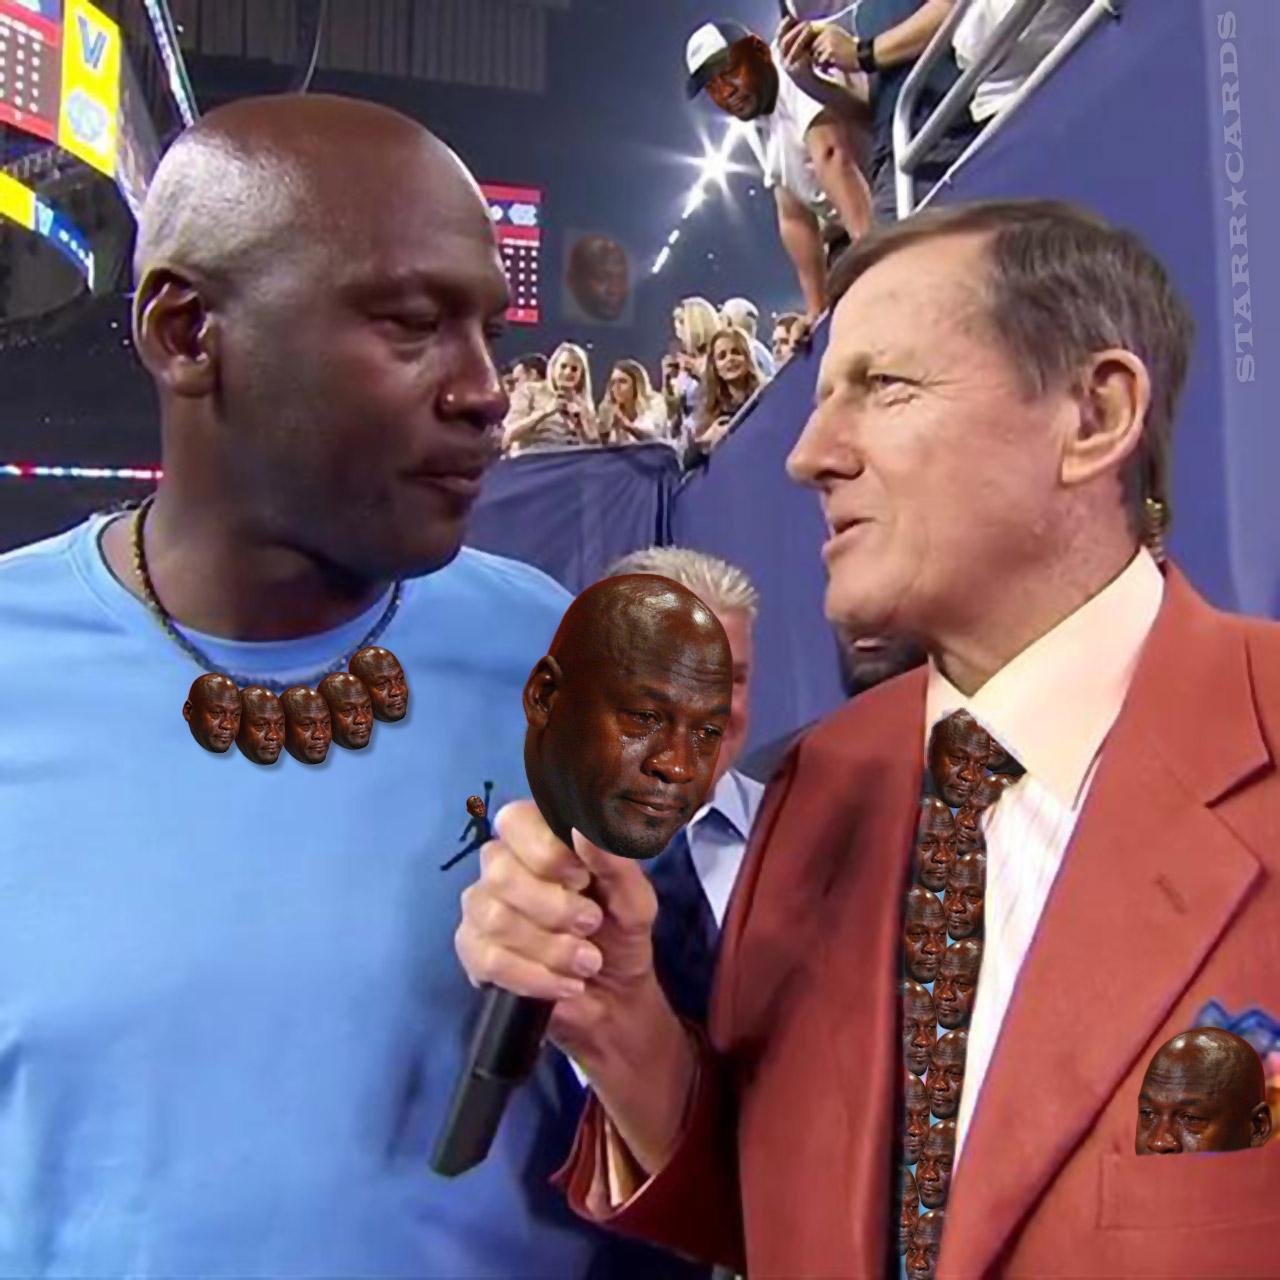 Crying Michael Jordan with Craig Sager at Villanova vs North Carolina championship game